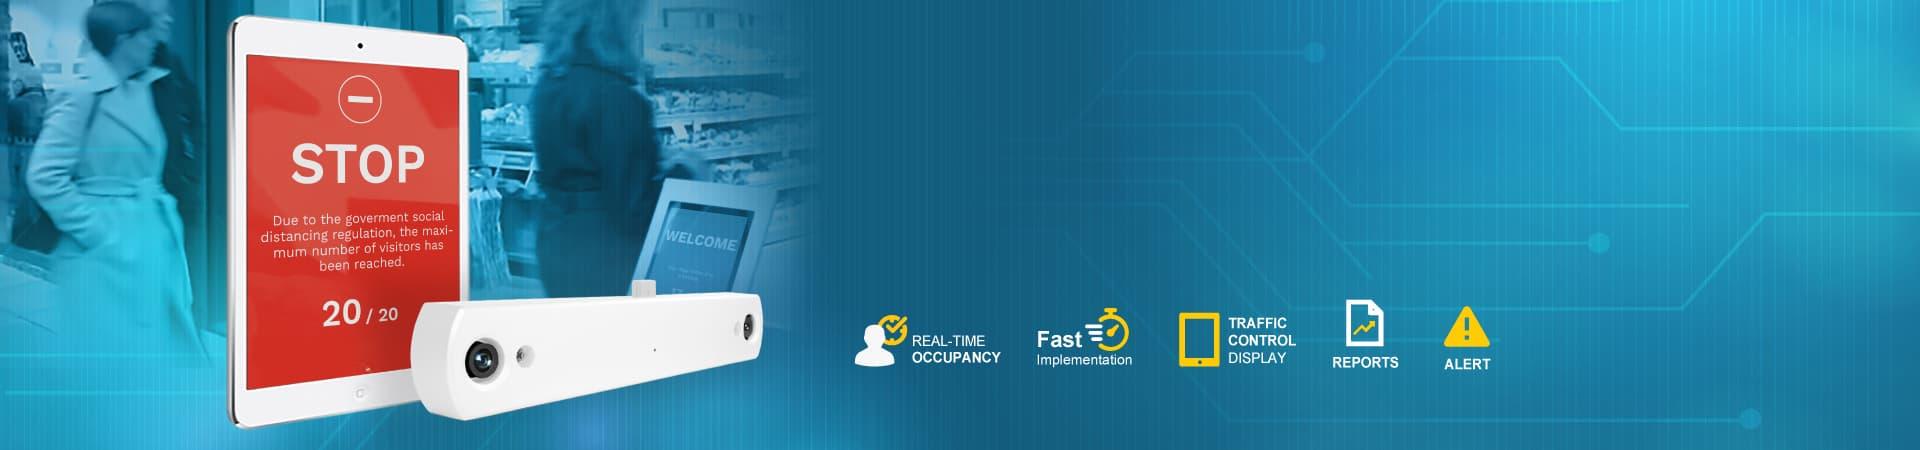 Глобальная реселлерская программа FootfallCam